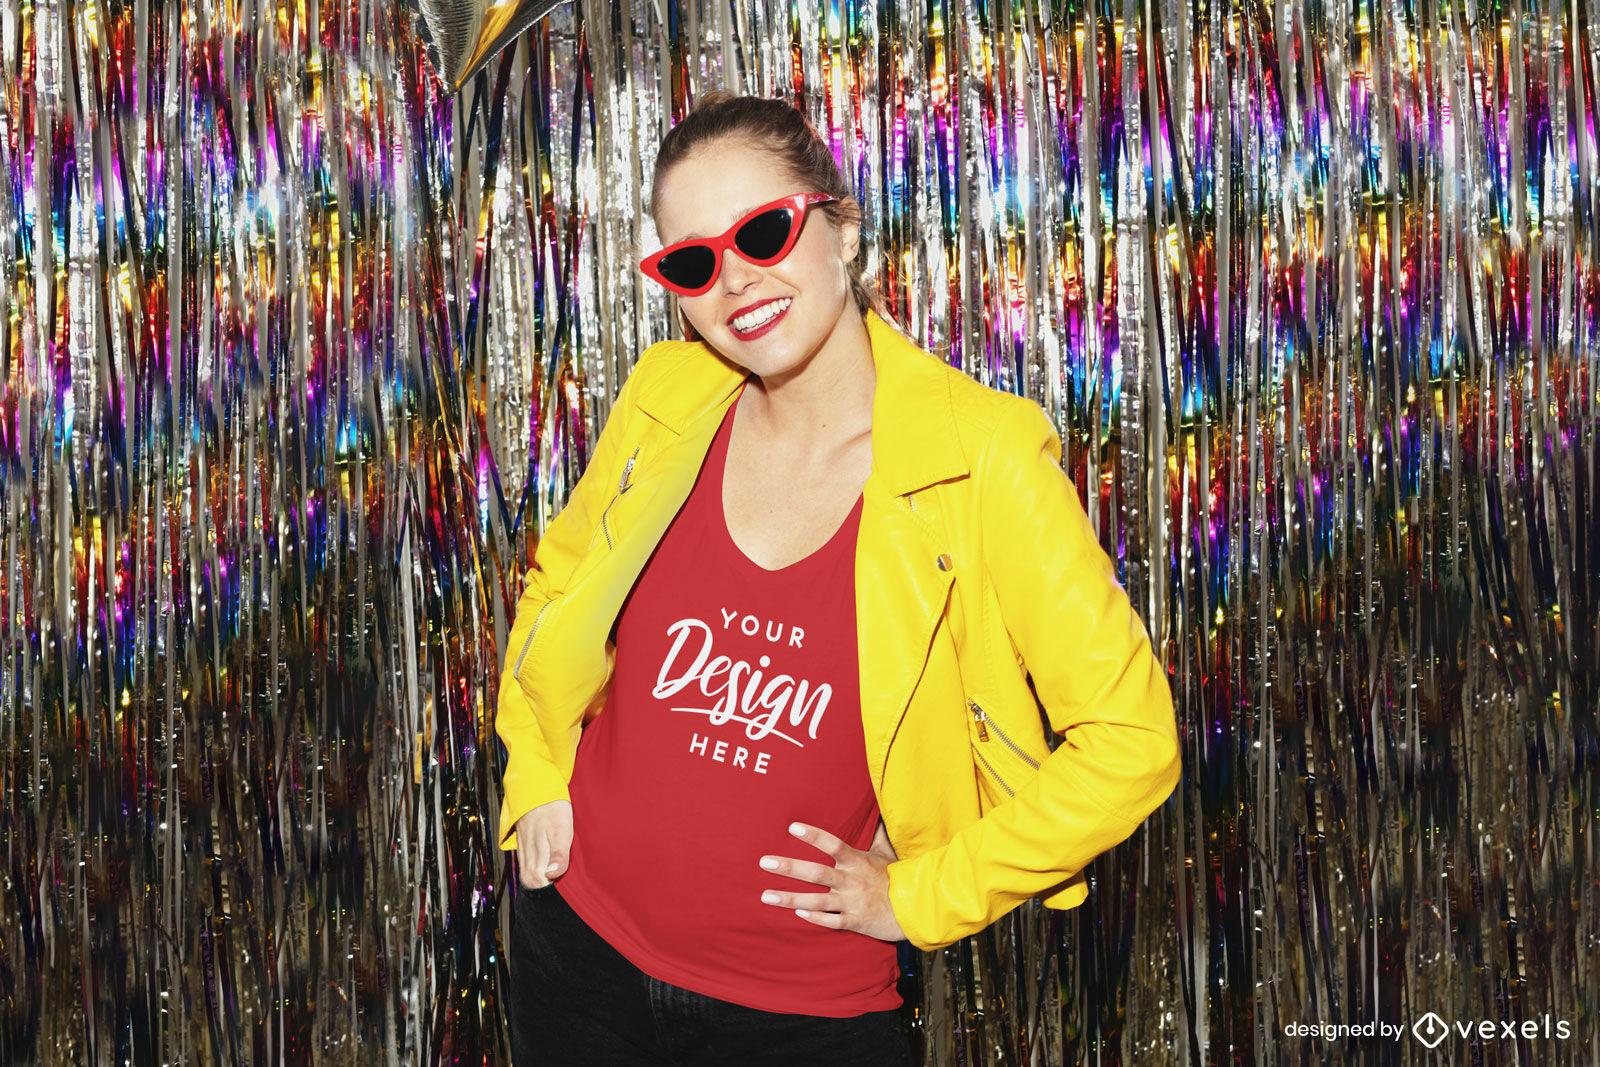 Garota de camiseta vermelha em maquete de fundo de festa de jaqueta amarela